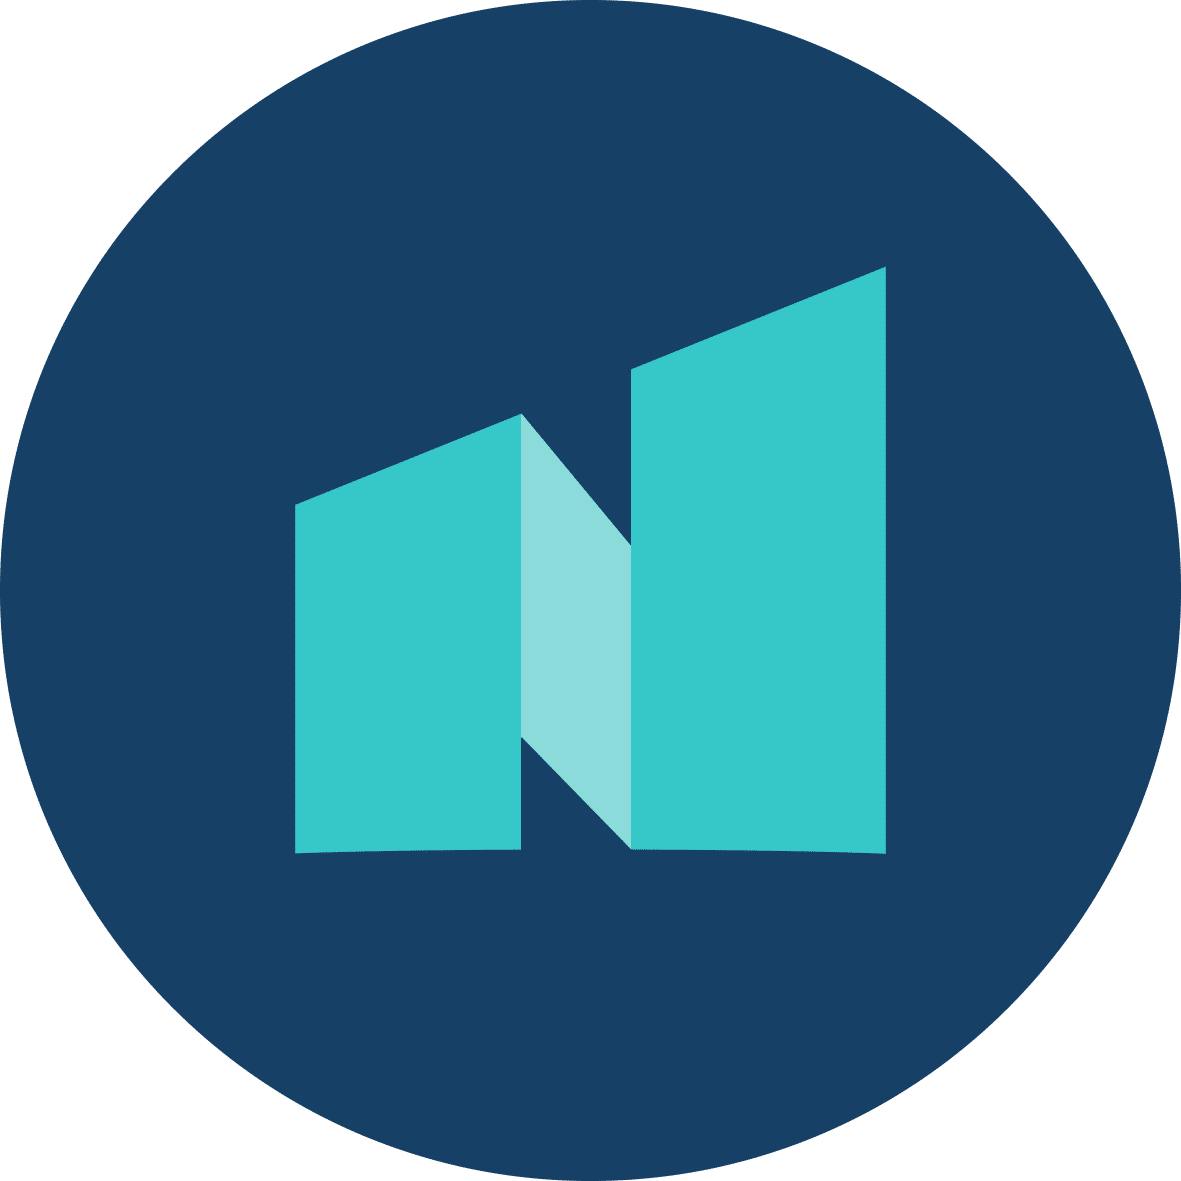 Netigate logo. verktyg för att utvärdera och planera event